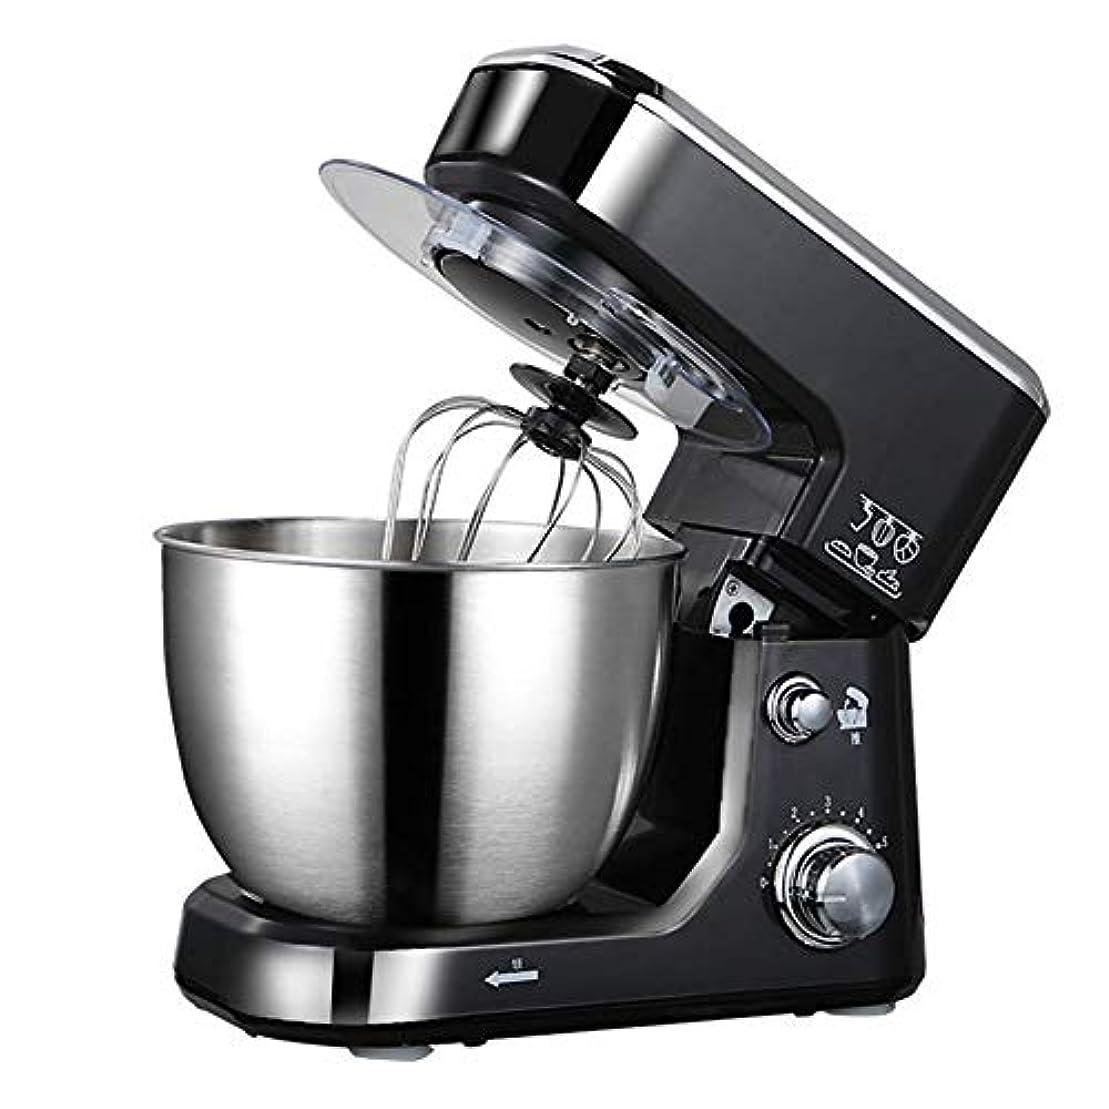 膨張する同情的謙虚なStand Mixer,6-Speed Tilt-Head Food Mixer,Kitchen Electric Mixer with Dough Hook,with bowl Desktop mixer Household Stainless steel beaters(Color :Black)